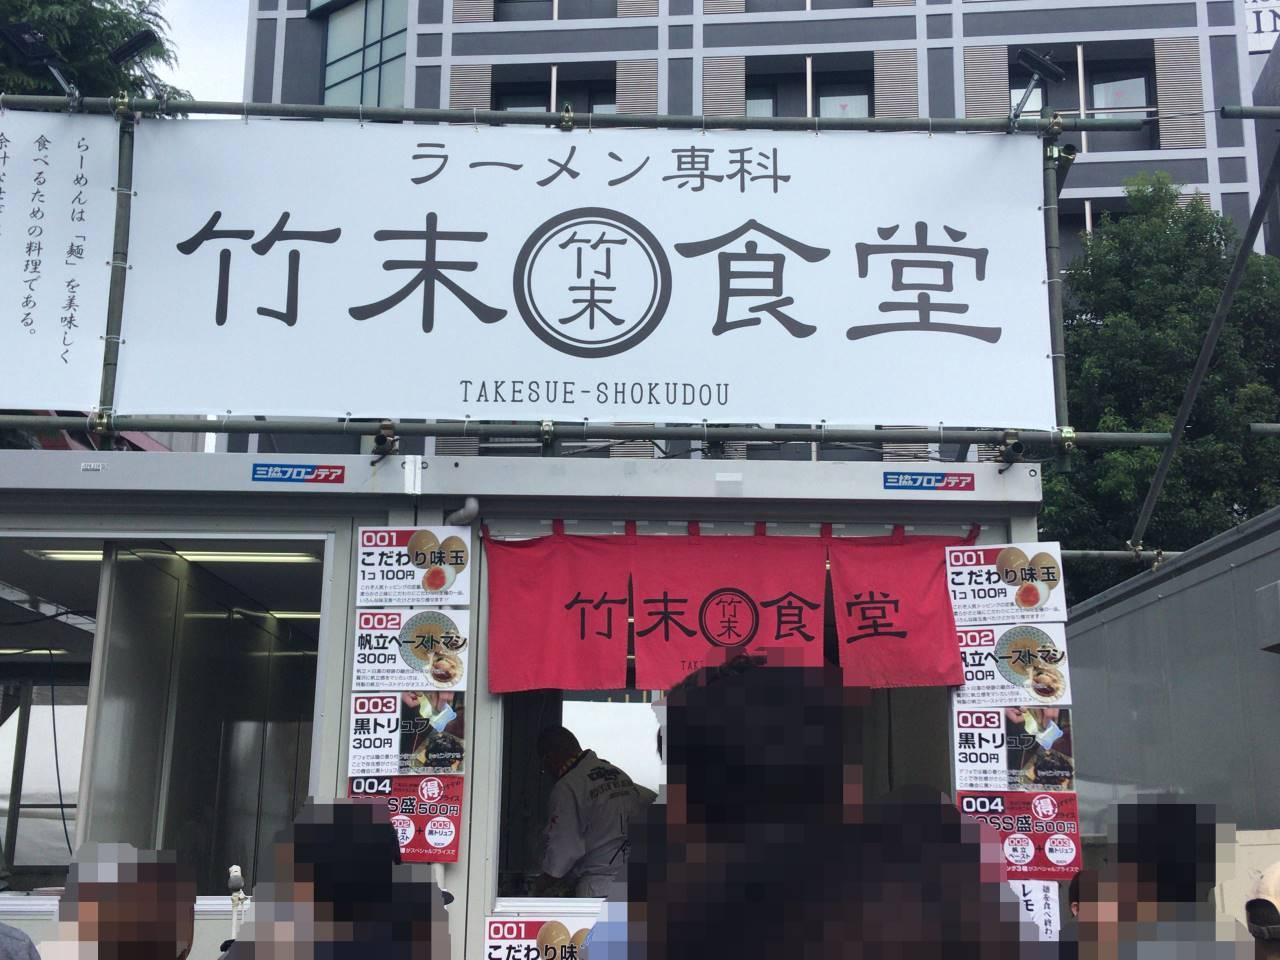 竹末食堂 大つけ麺博2019の様子